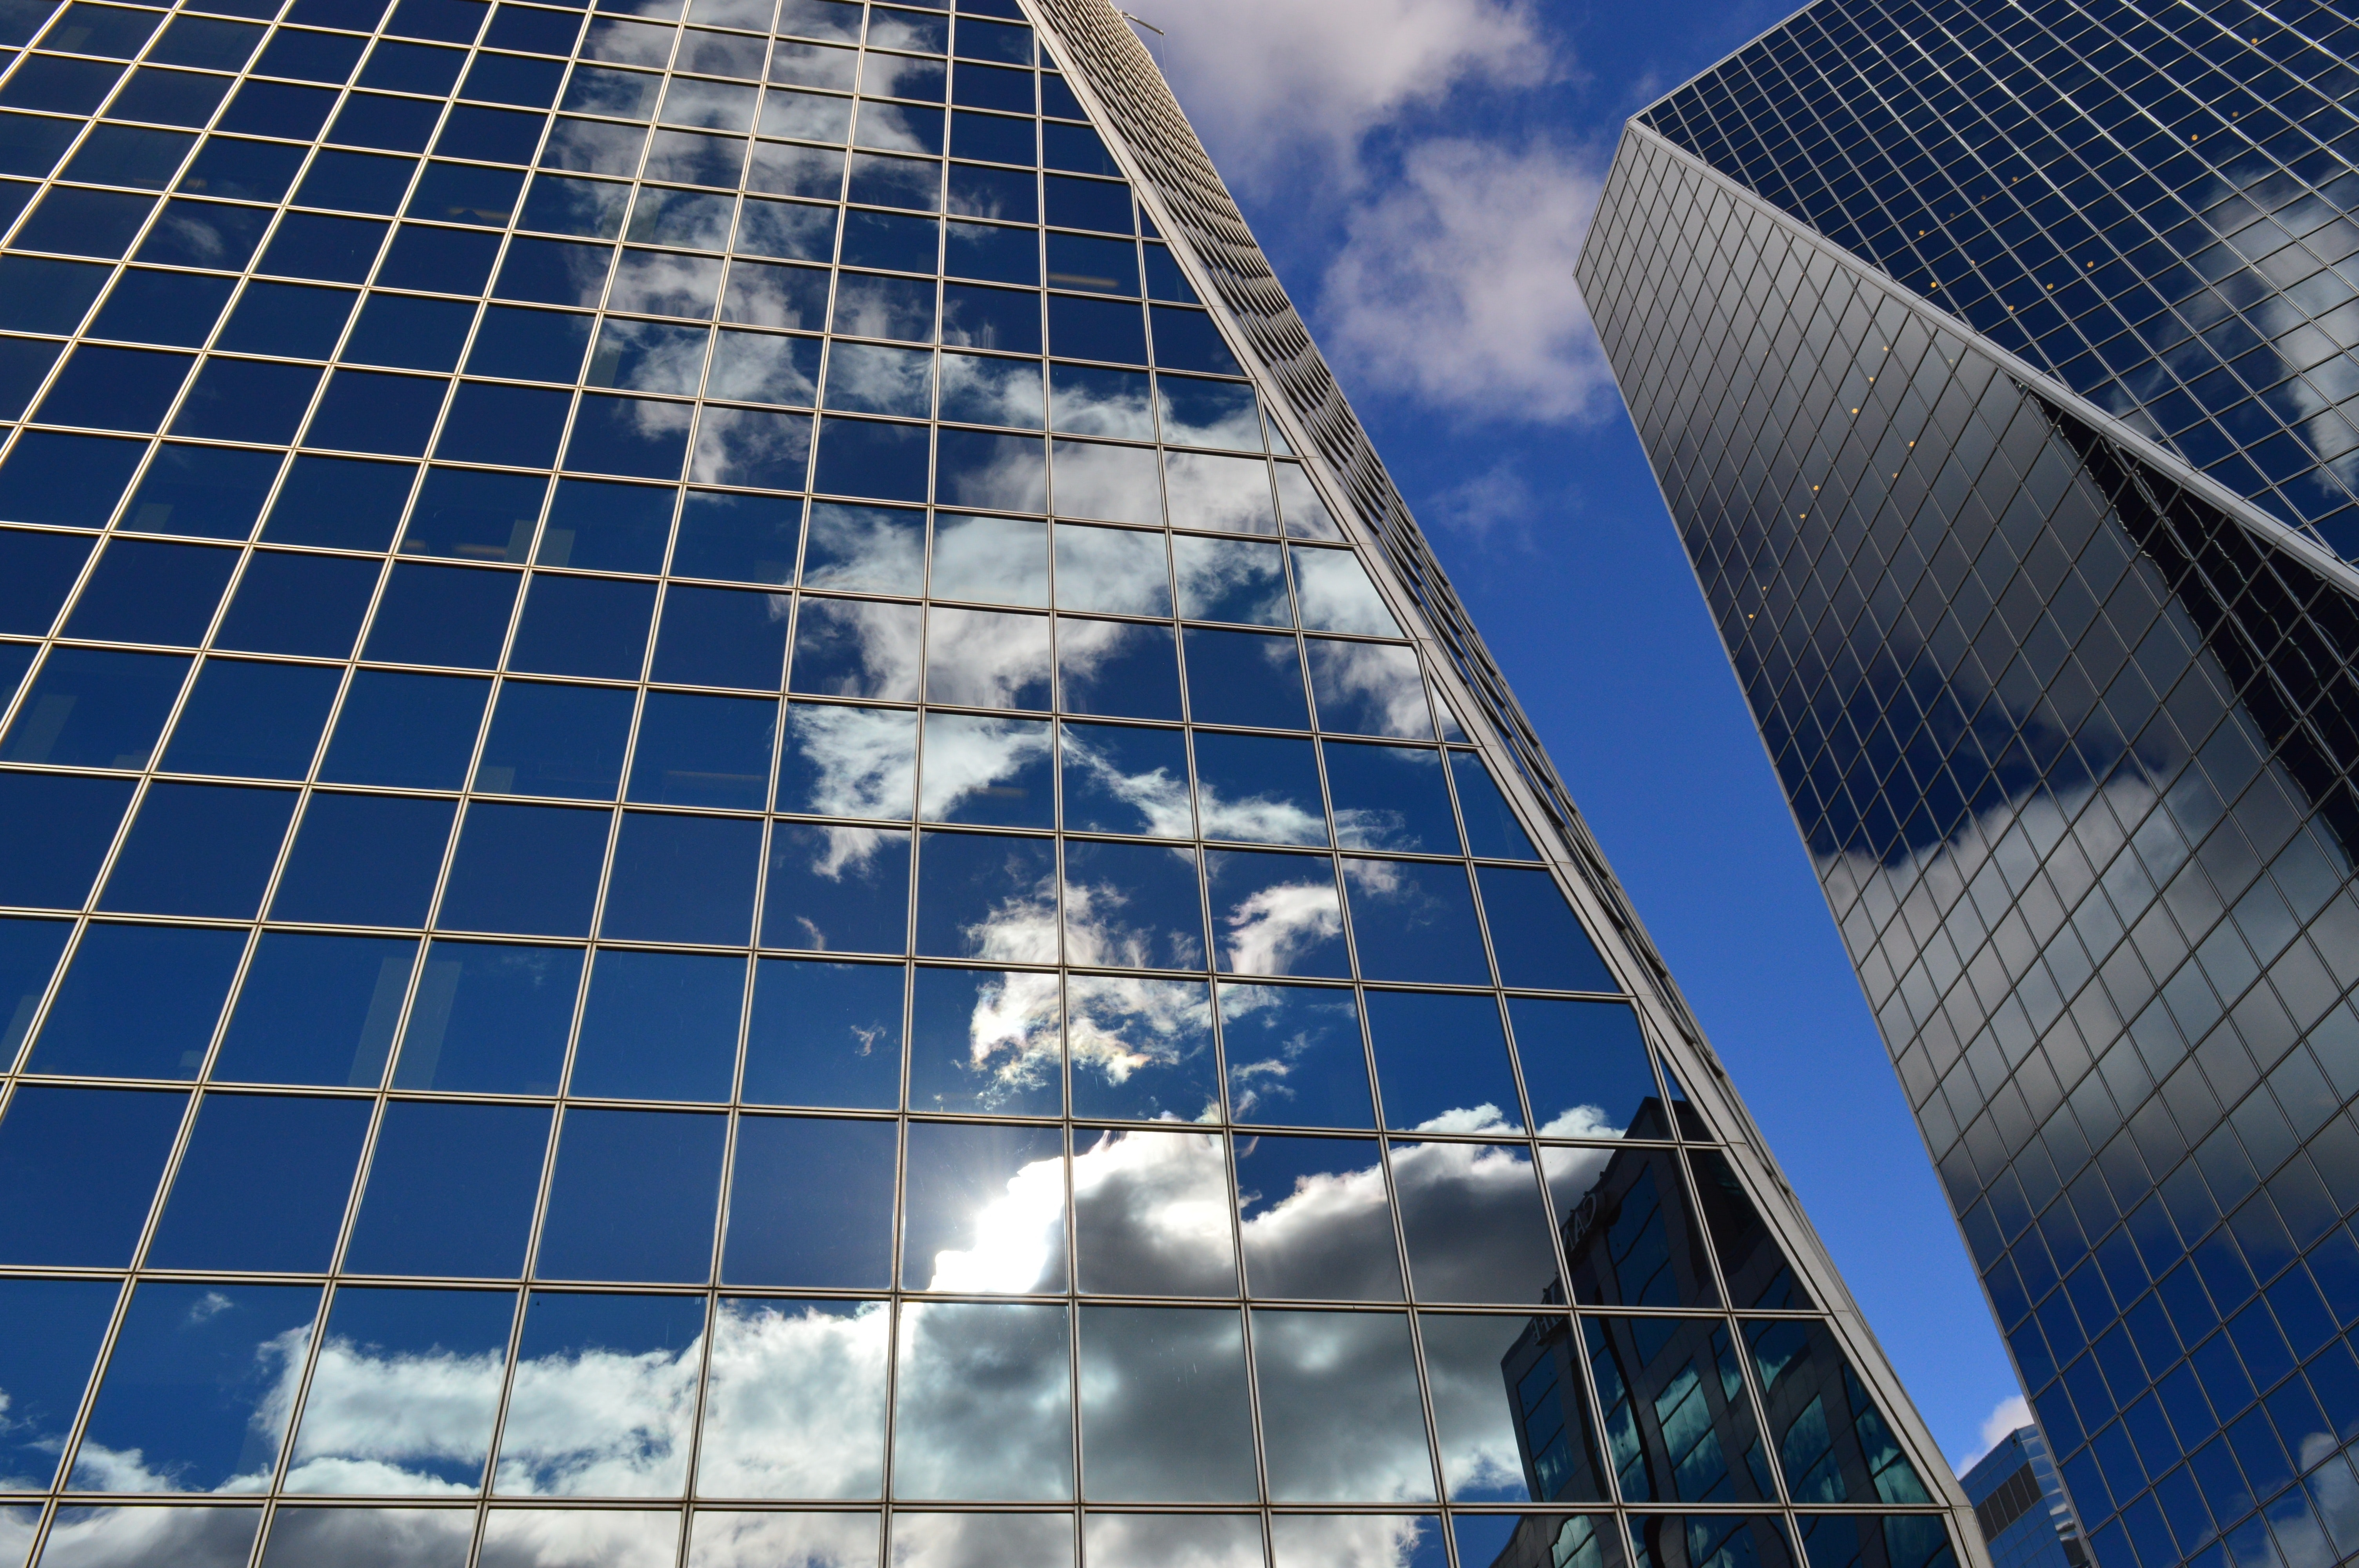 architecture-blue-buildings-273223